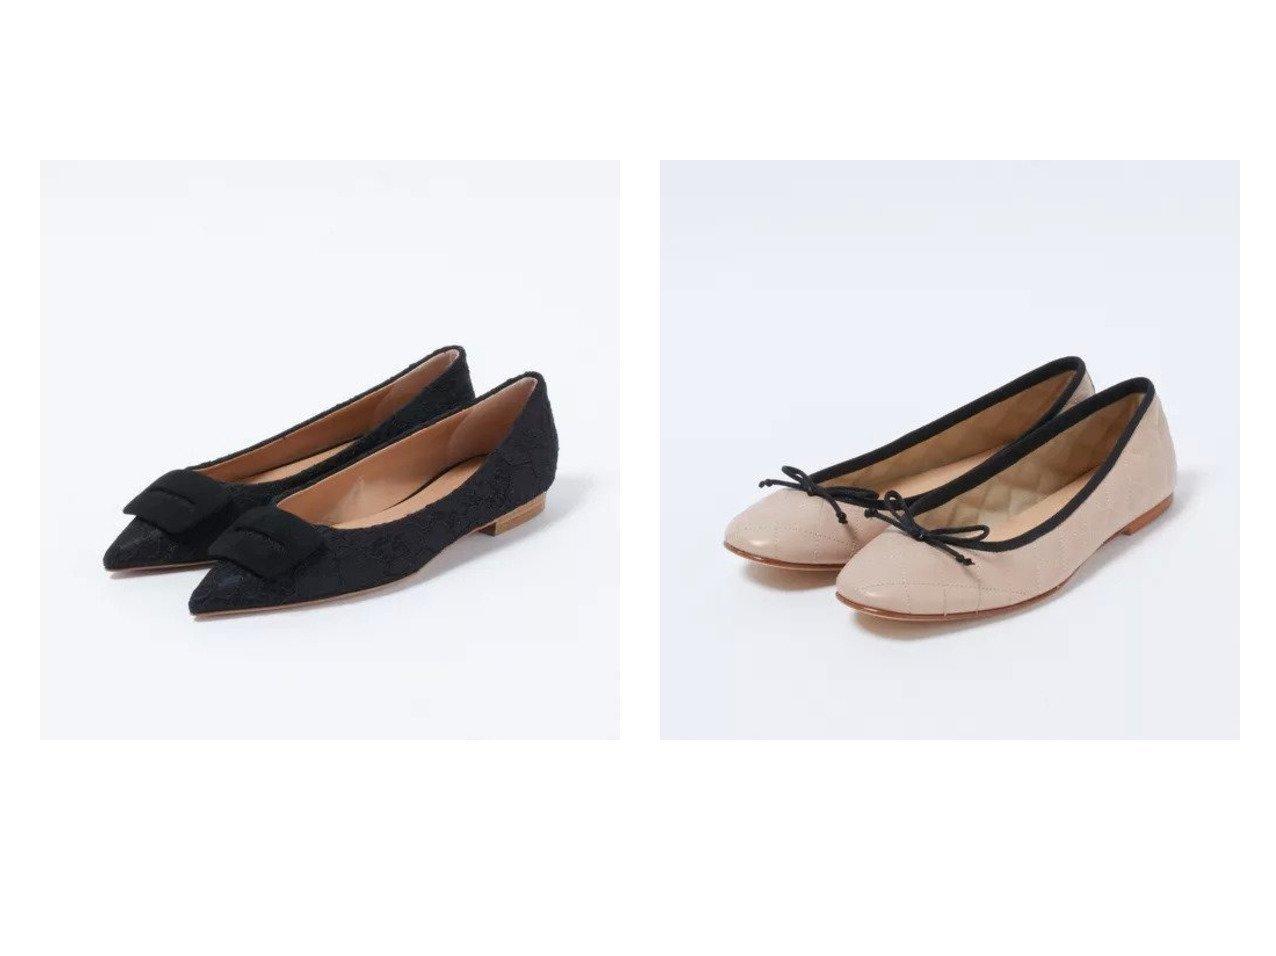 【PELLICO/ペリーコ】のANELLI FIBBIA フラット&【FABIO RUSCONI/ファビオ ルスコーニ】のキルティングバレエシューズ 【シューズ・靴】おすすめ!人気、トレンド・レディースファッションの通販 おすすめで人気の流行・トレンド、ファッションの通販商品 メンズファッション・キッズファッション・インテリア・家具・レディースファッション・服の通販 founy(ファニー) https://founy.com/ 雑誌掲載アイテム Magazine Items ファッション雑誌 Fashion Magazines エクラ eclat ファッション Fashion レディースファッション WOMEN 4月号 キルティング シューズ バレエ パイピング ベーシック リボン 雑誌  ID:crp329100000029179